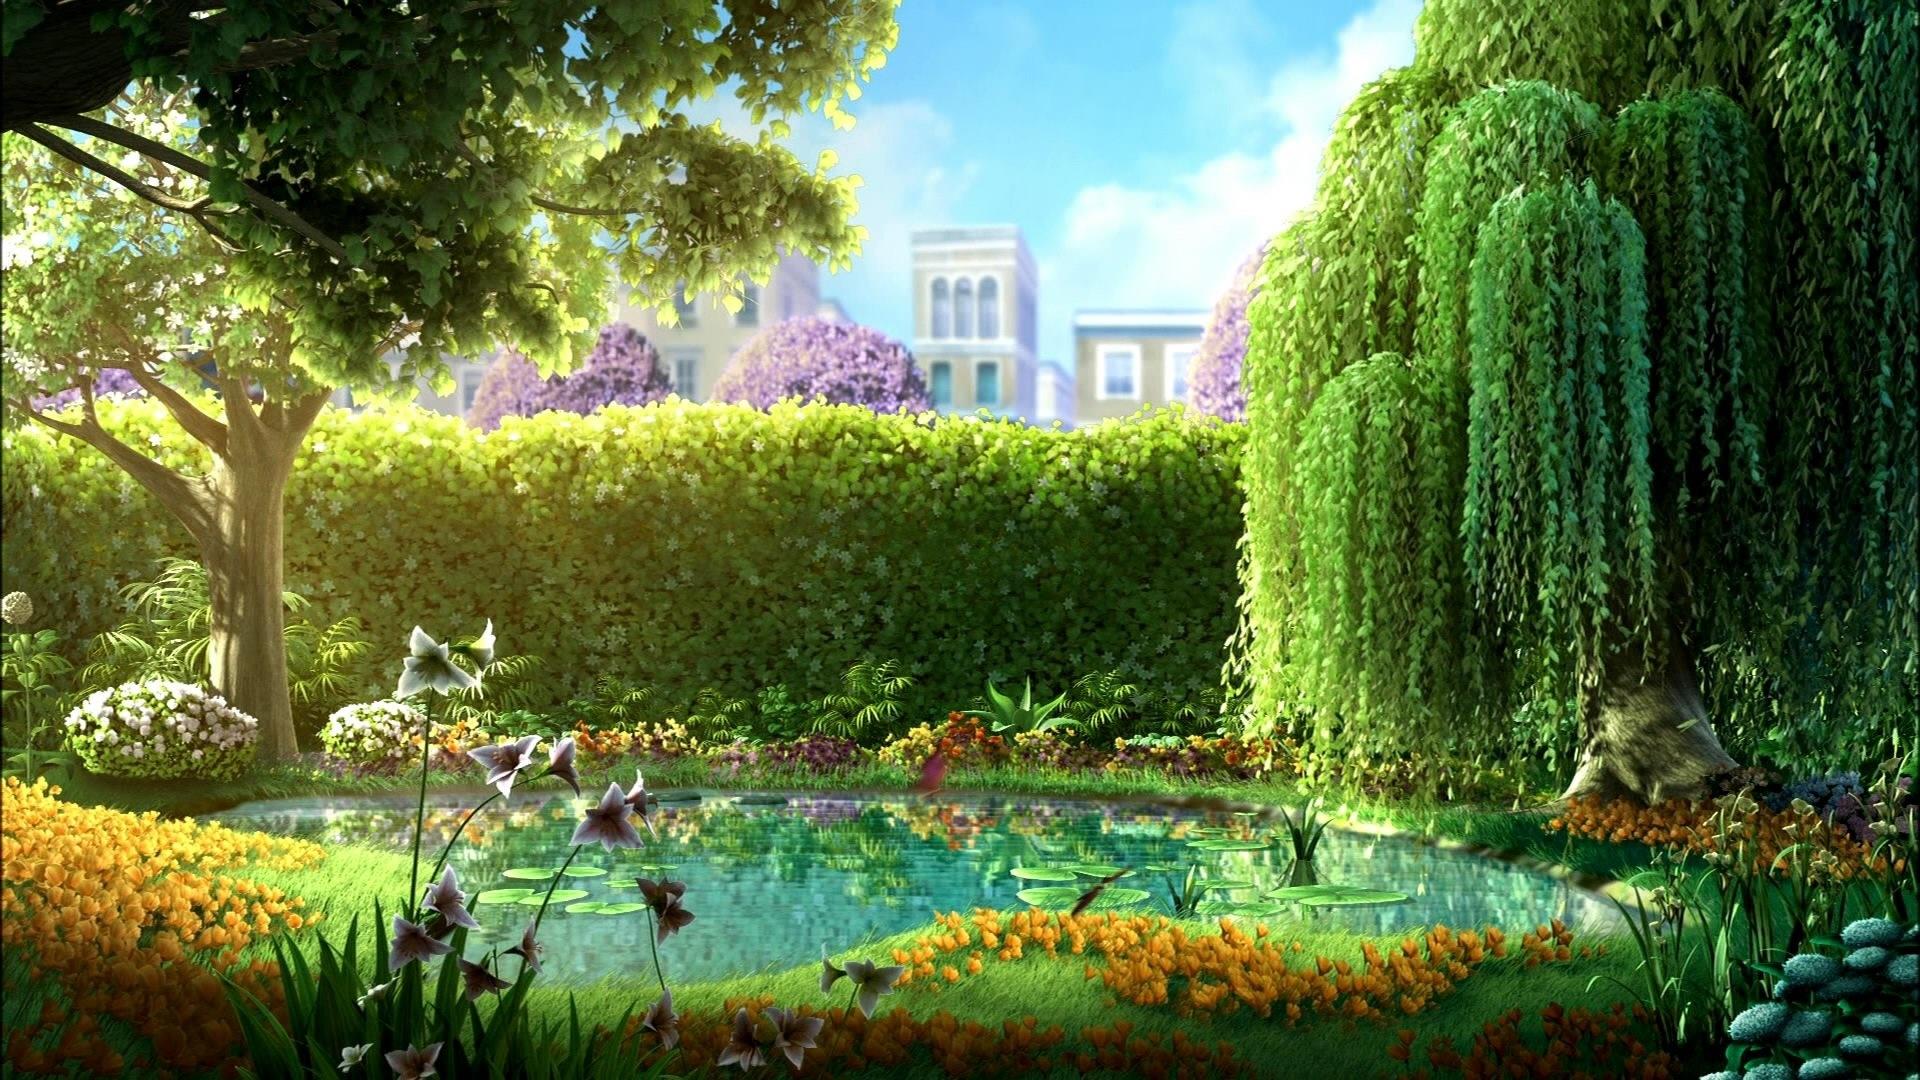 Garden Art wallpaper photo hd